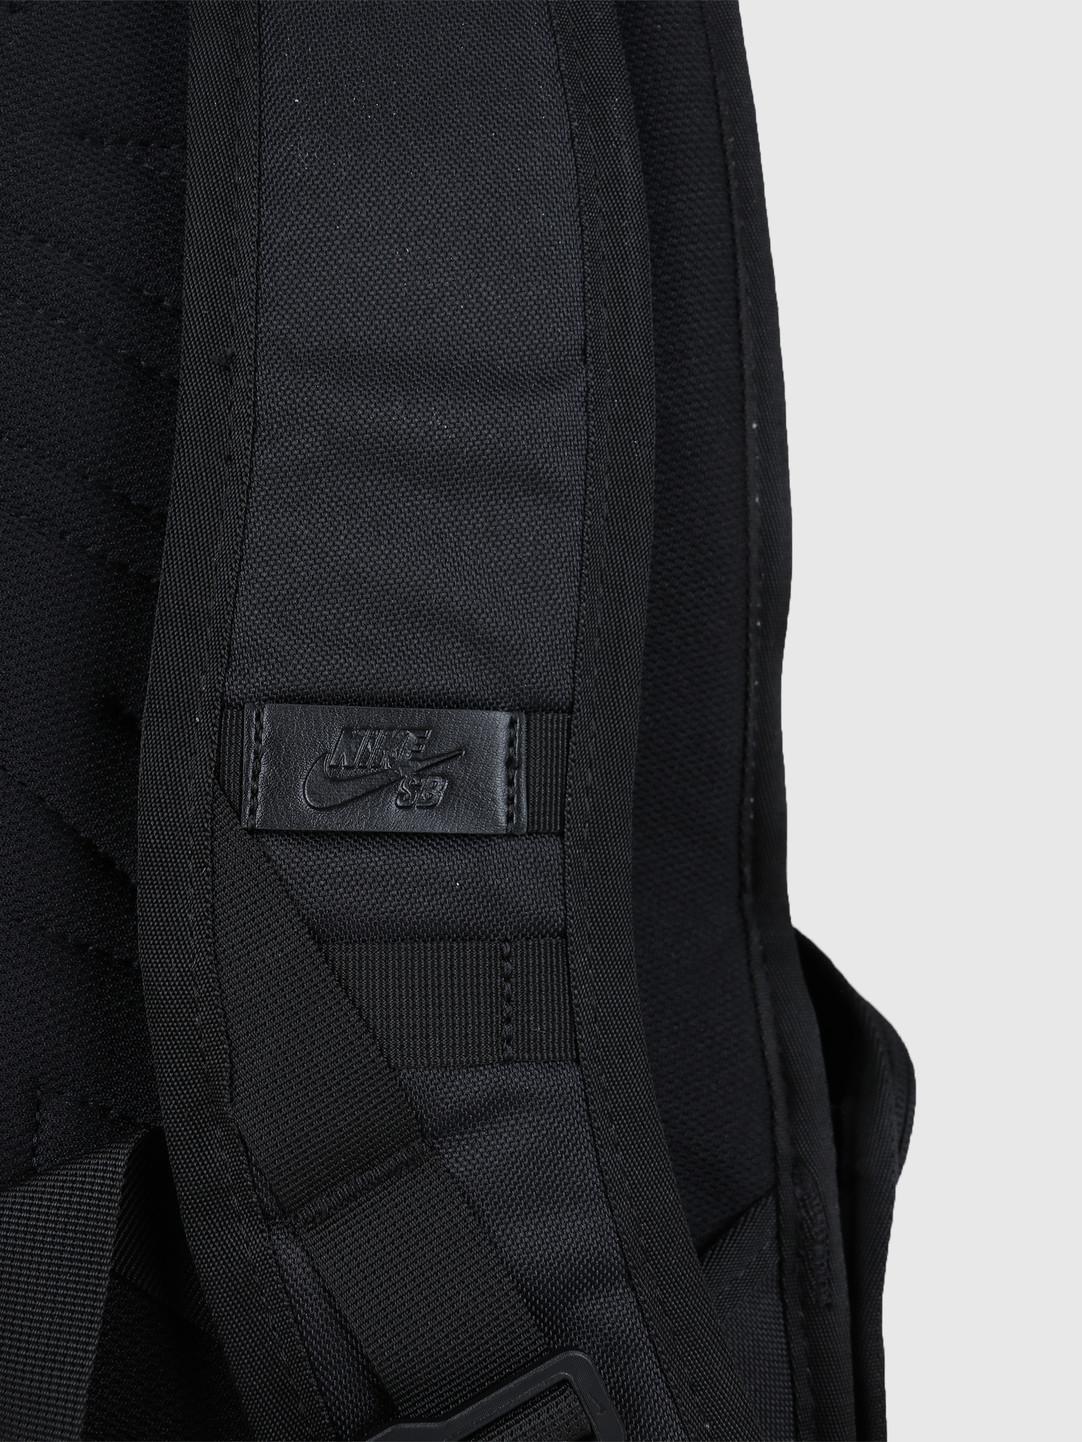 Nike Nike SB RPM Backpack Black Black Black BA5403-010